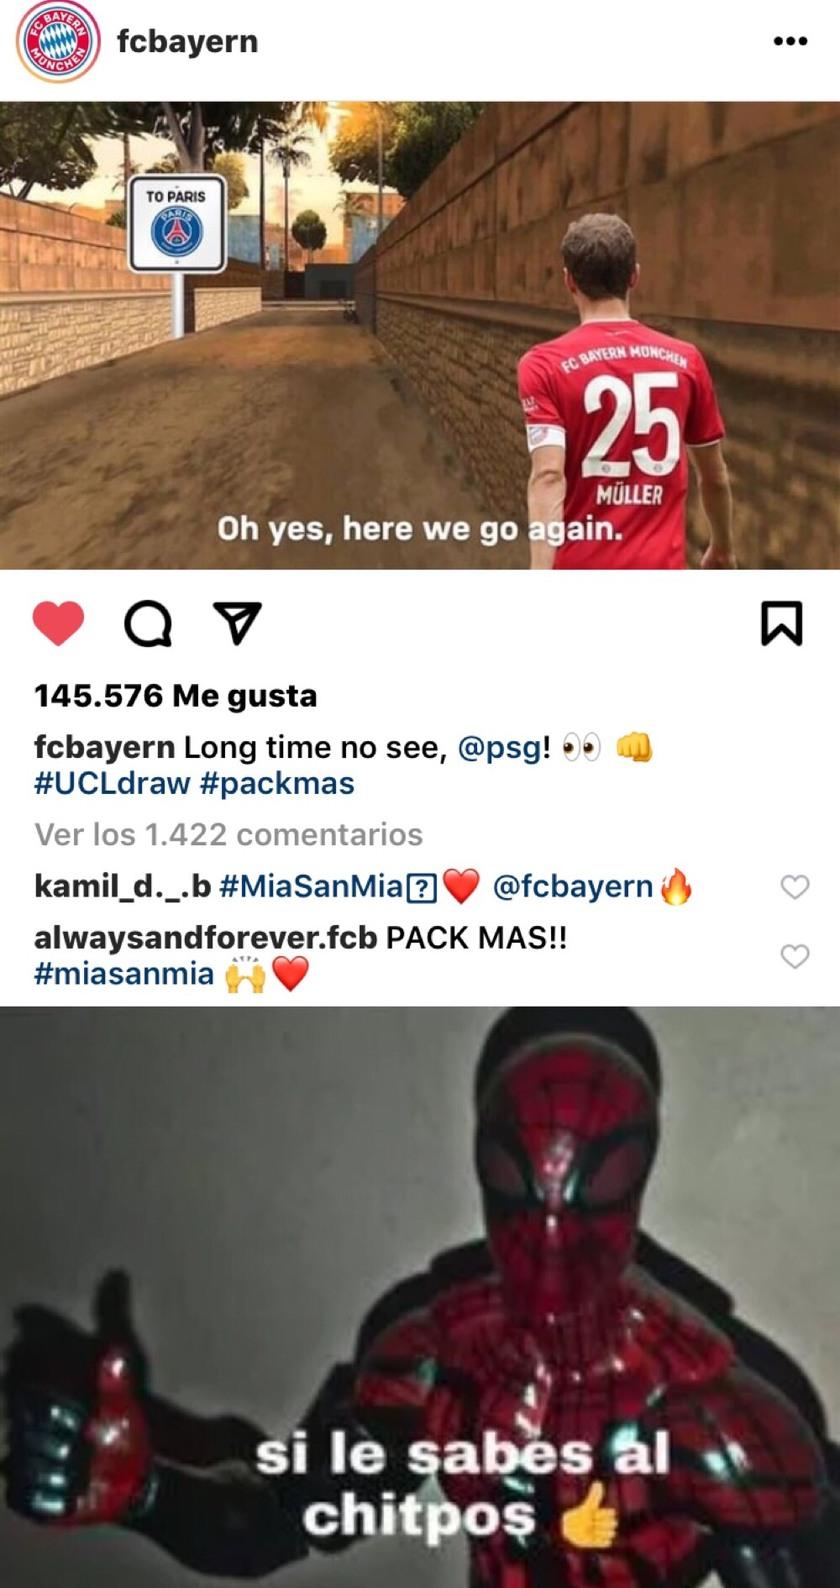 El Bayern le sabe al chitpos - meme